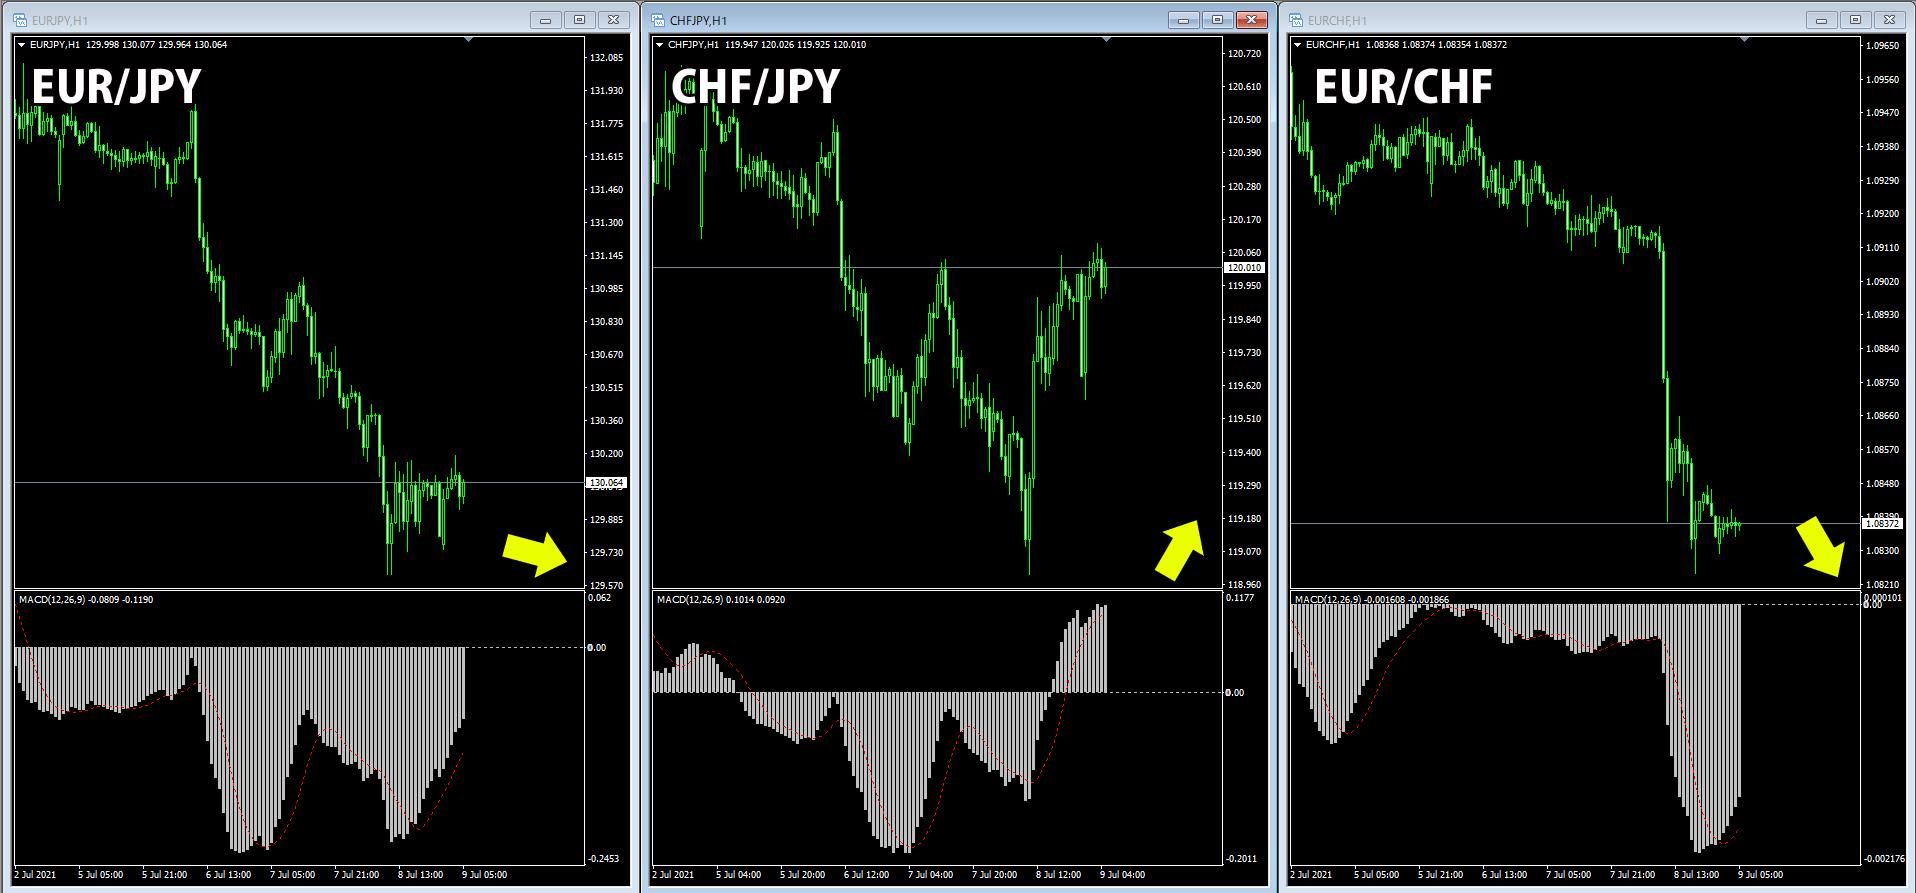 ユーロ円・スイス円・ユーロスイスの比較